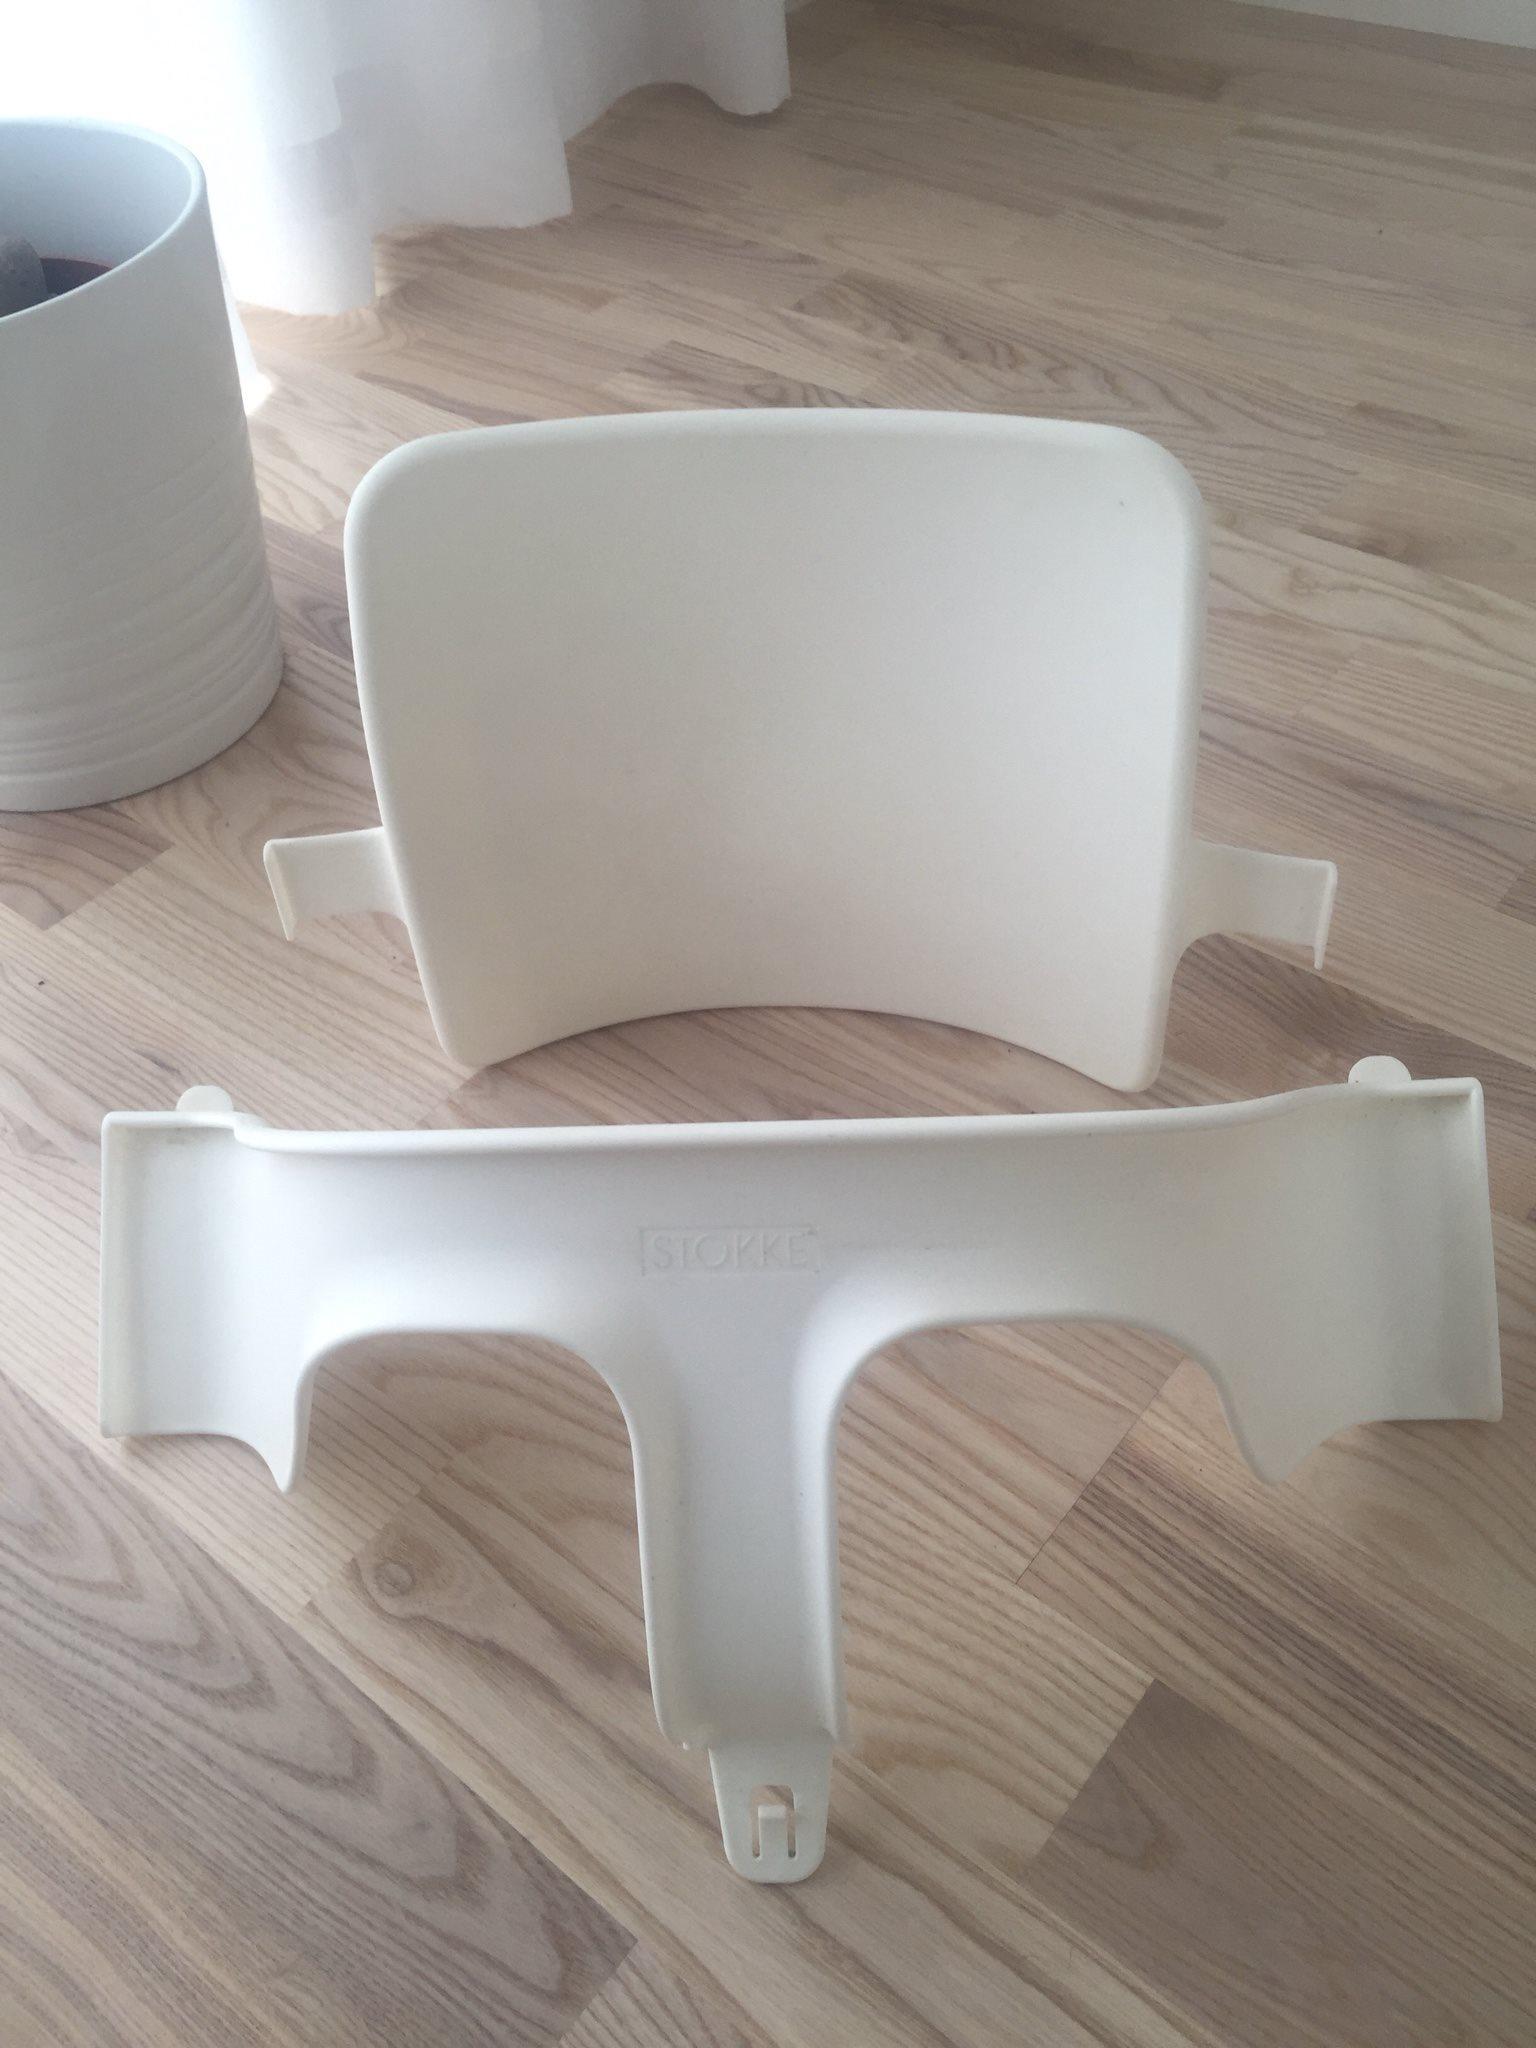 stokke tripp trapp stol babyset vit (310297048) ᐈ köp på tradera